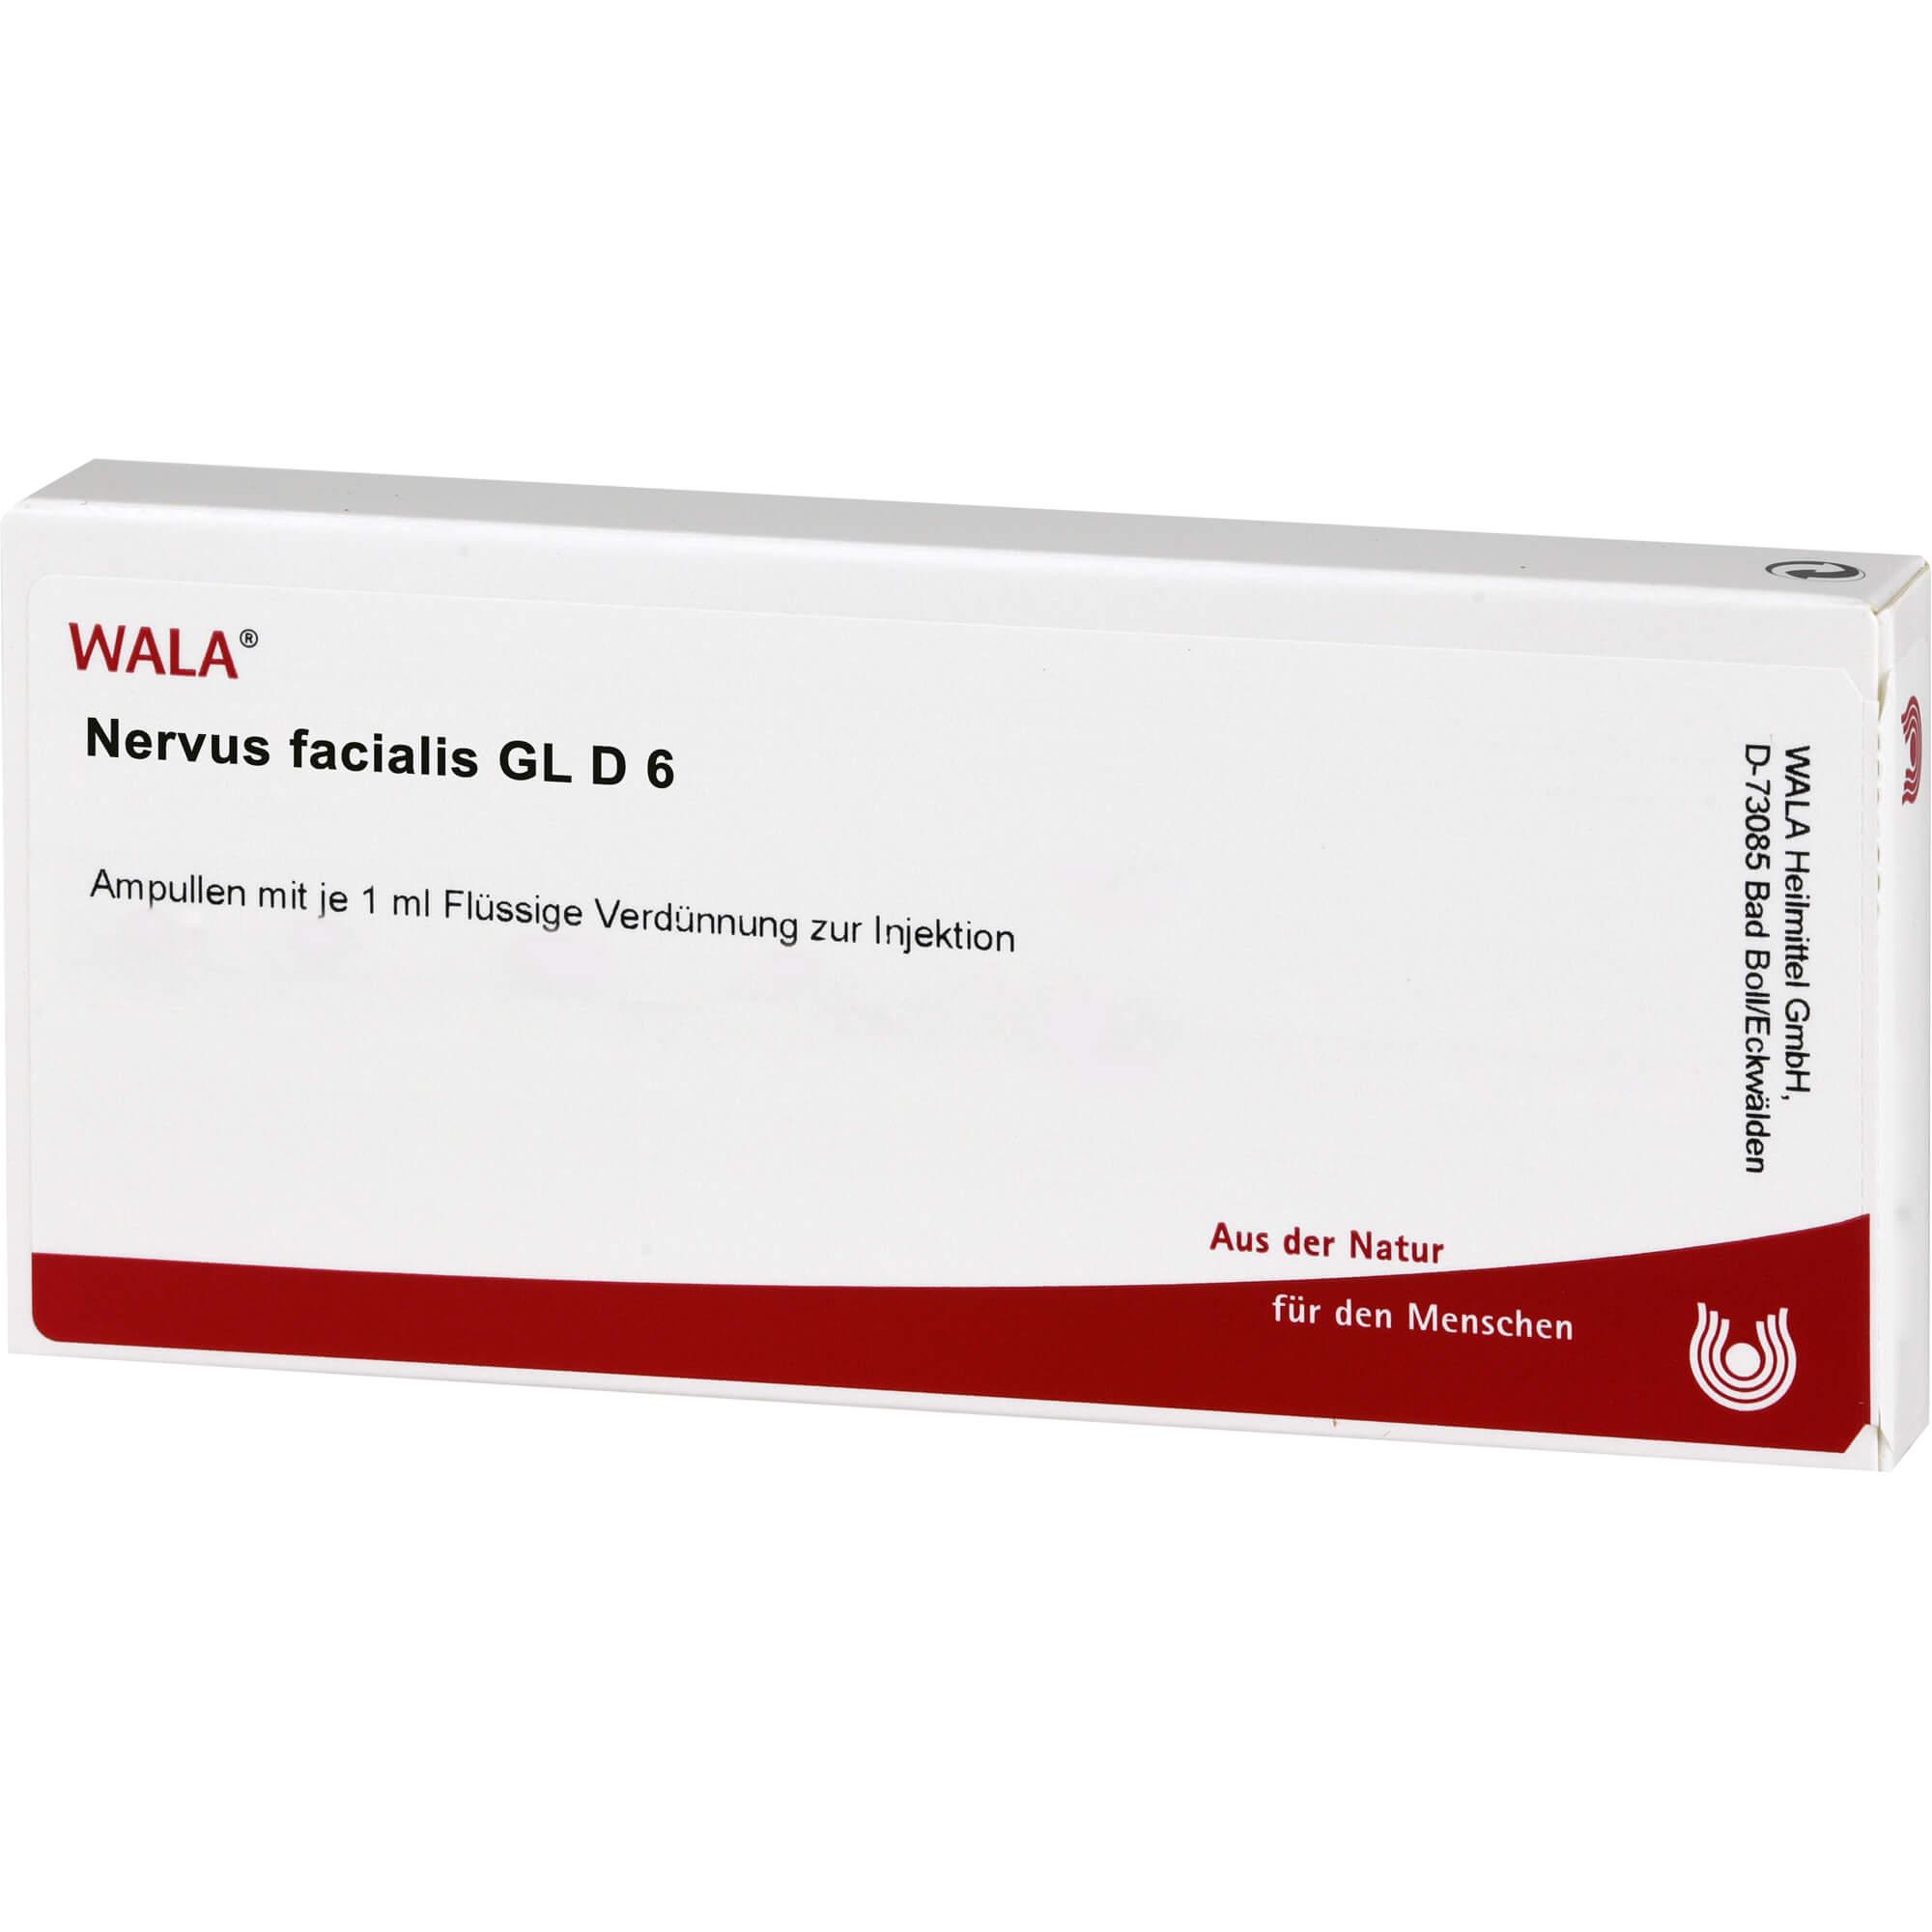 NERVUS FACIALIS GL D 6 Ampullen